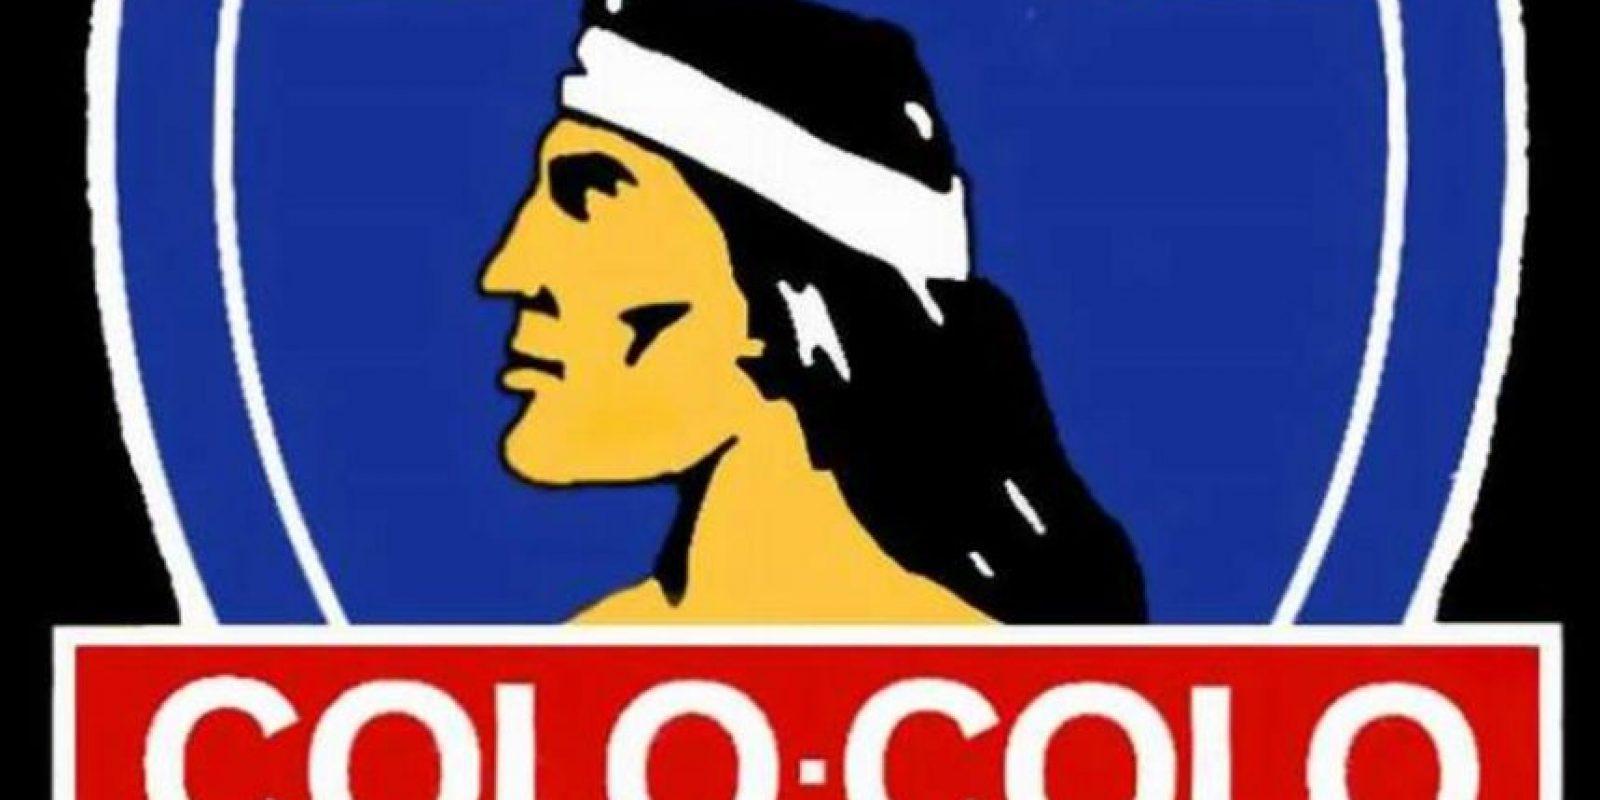 Colo Colo. 'Cacique'. El nombre del club está inspirado en Colo Colo, un cacique mapuche